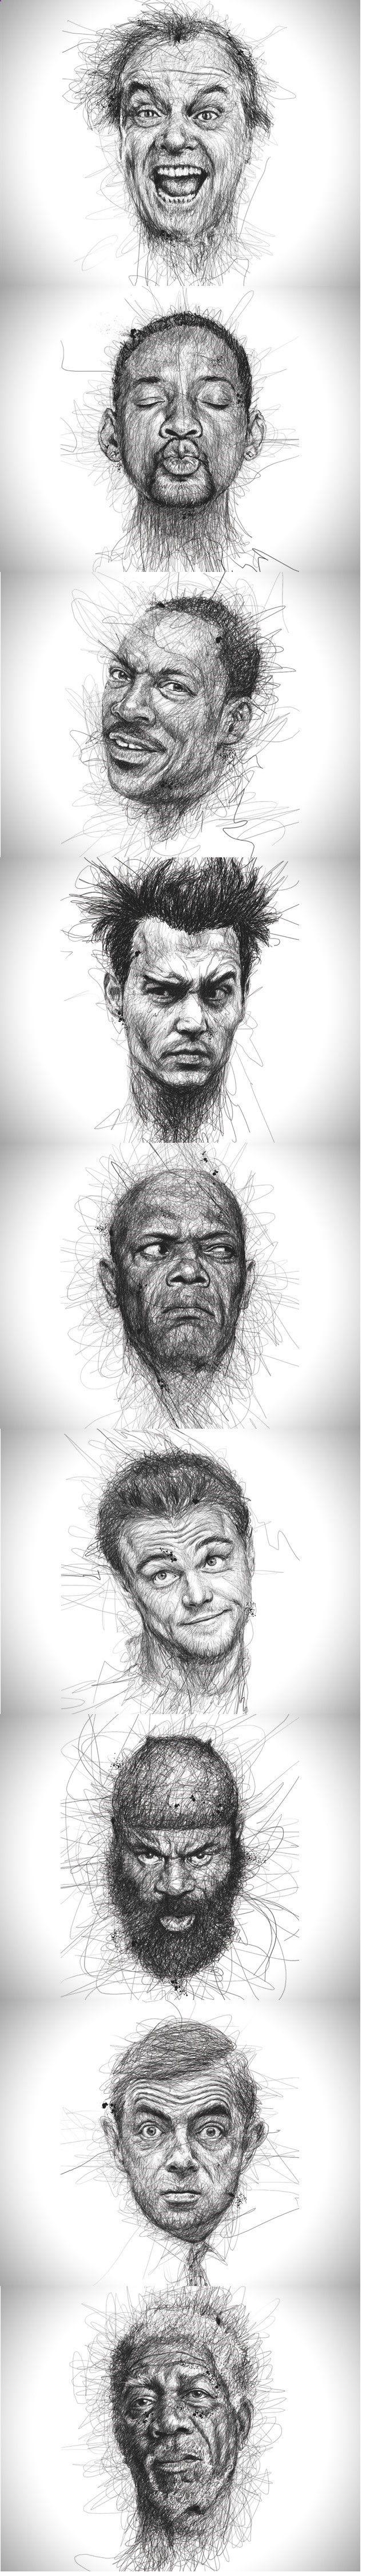 Pencil Portrait Mastery - C dingue comment on les reconnaît trop bien...Portraits de stars, dun coup de crayon - Discover The Secrets Of Drawing Realistic Pencil Portraits